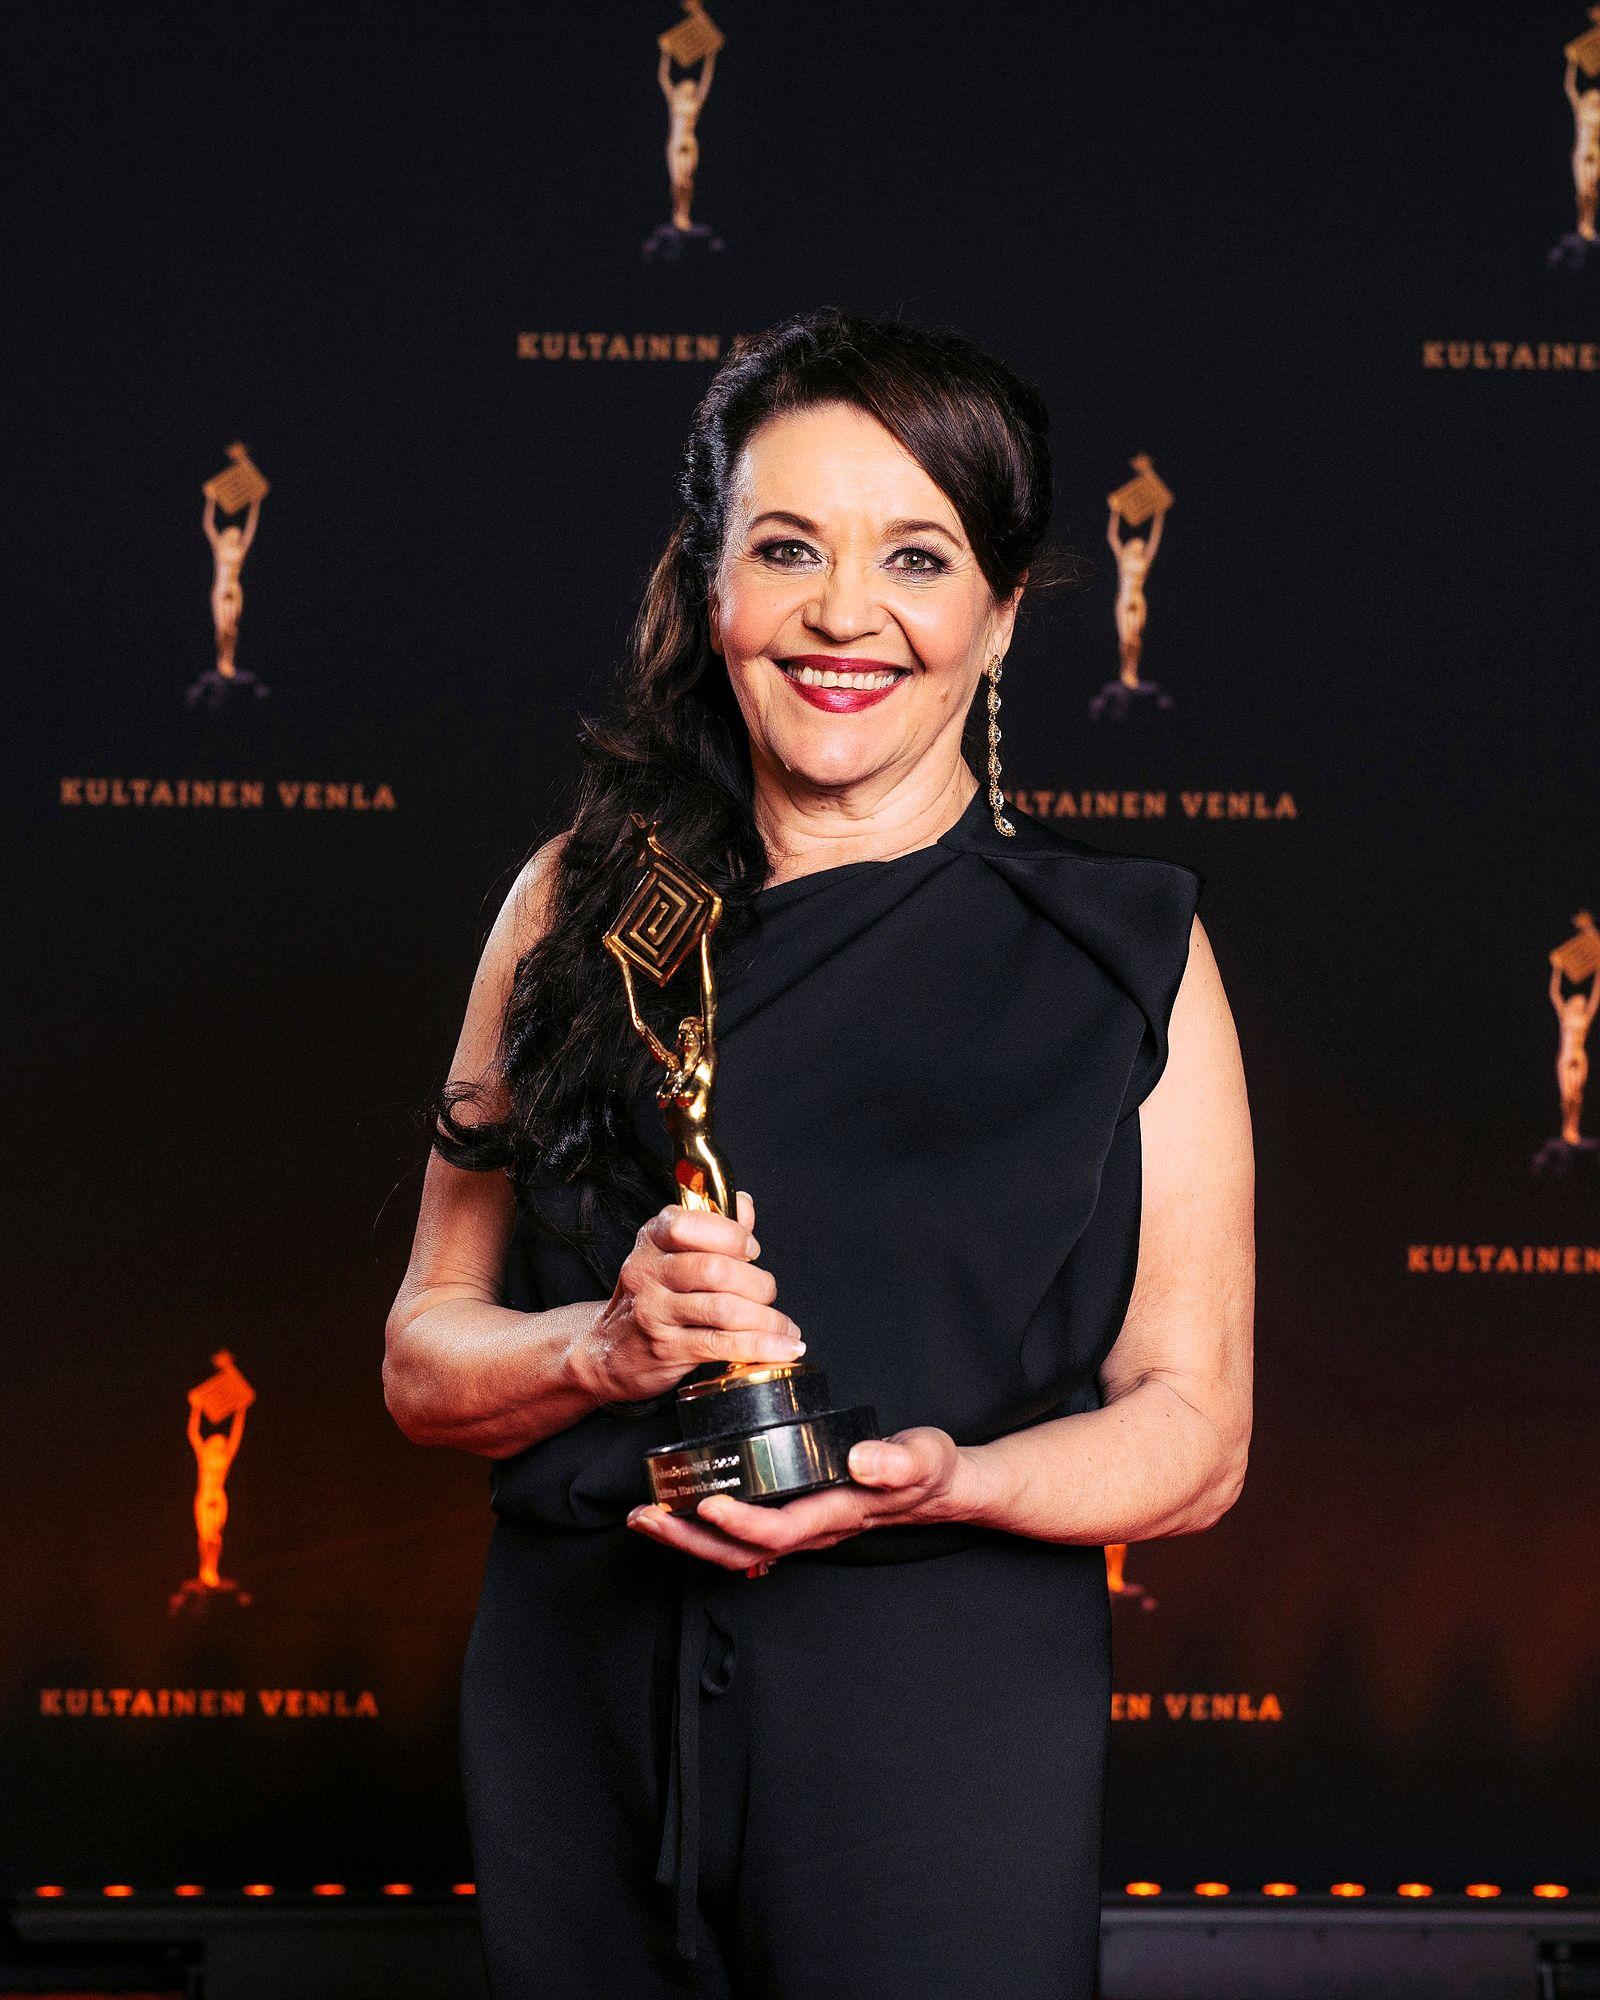 Näyttelijä Riitta Havukainen palkittiin parhaana naisnäyttelijänä sarjasta Paratiisi. © Julius Konttinen